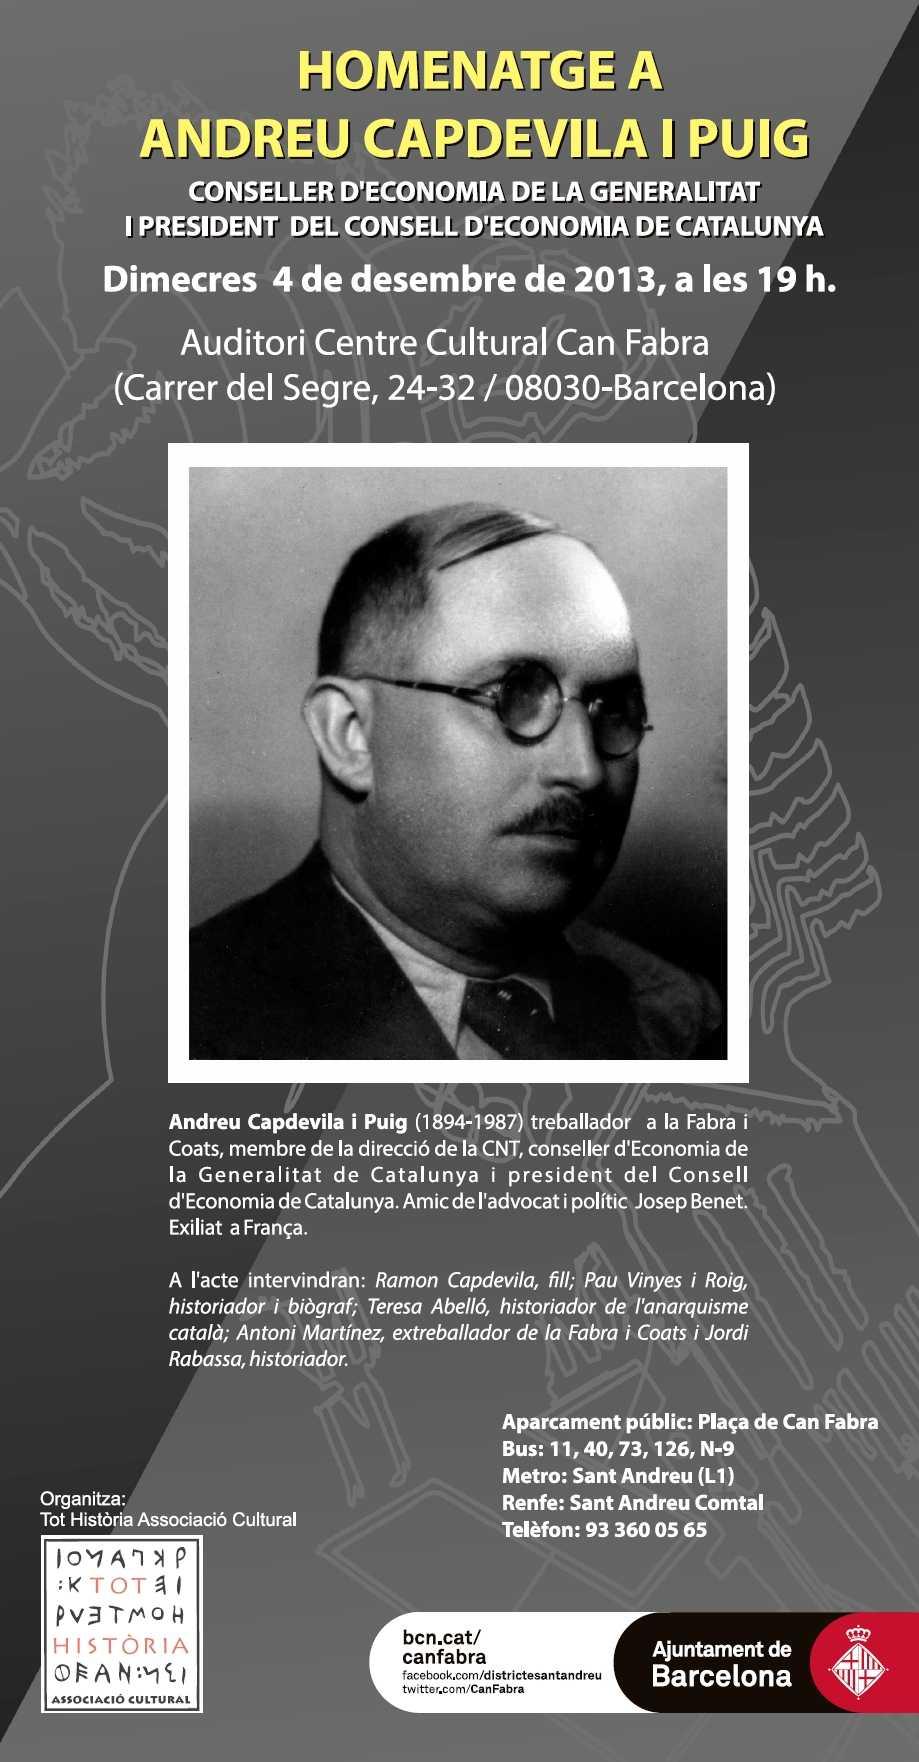 Cartell de l'homenatge a Andreu Capdevila Puig